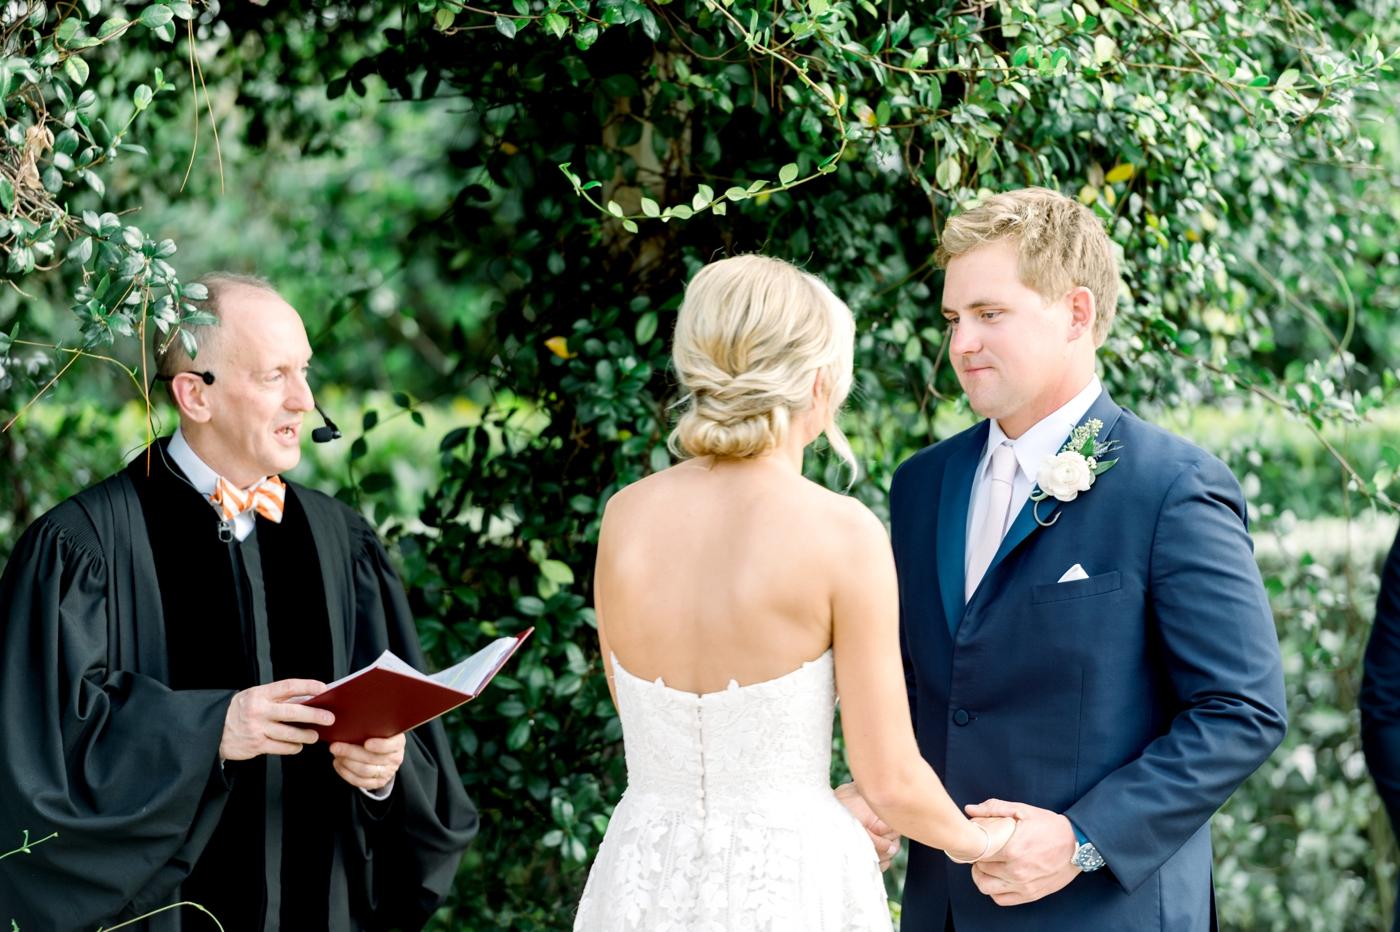 South Florida Wedding Vows